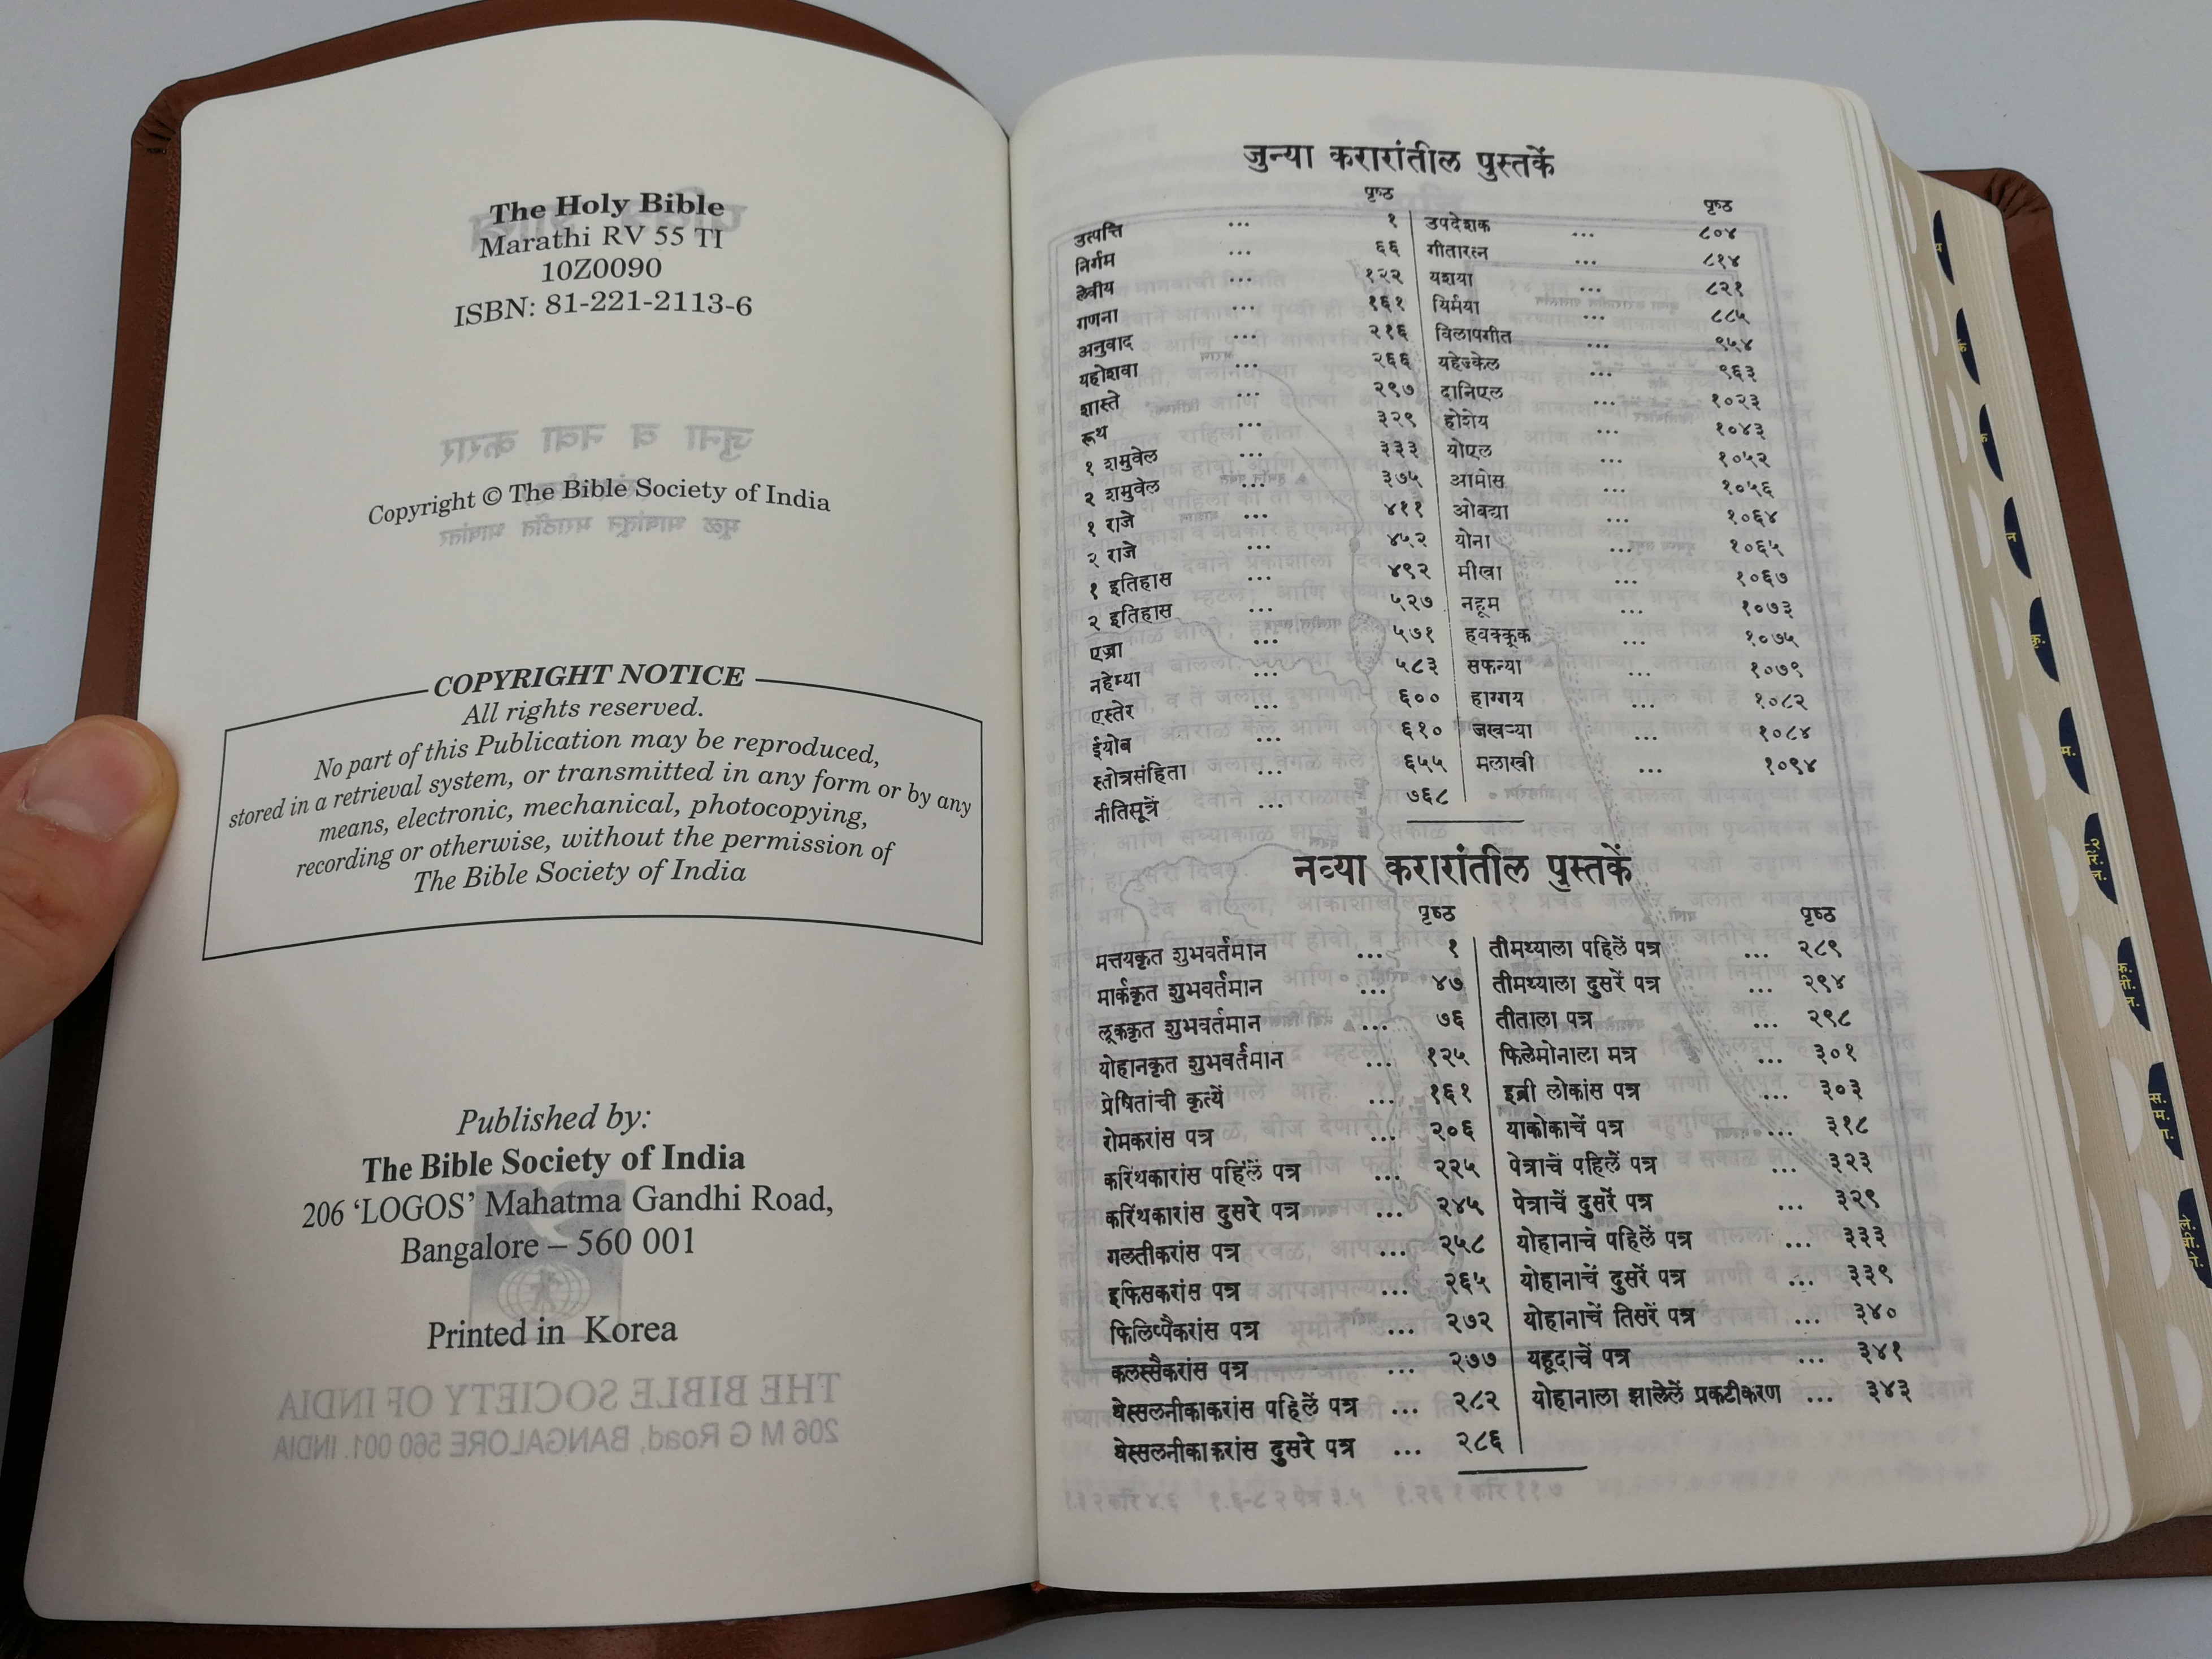 marathi-language-holy-bible-6.jpg